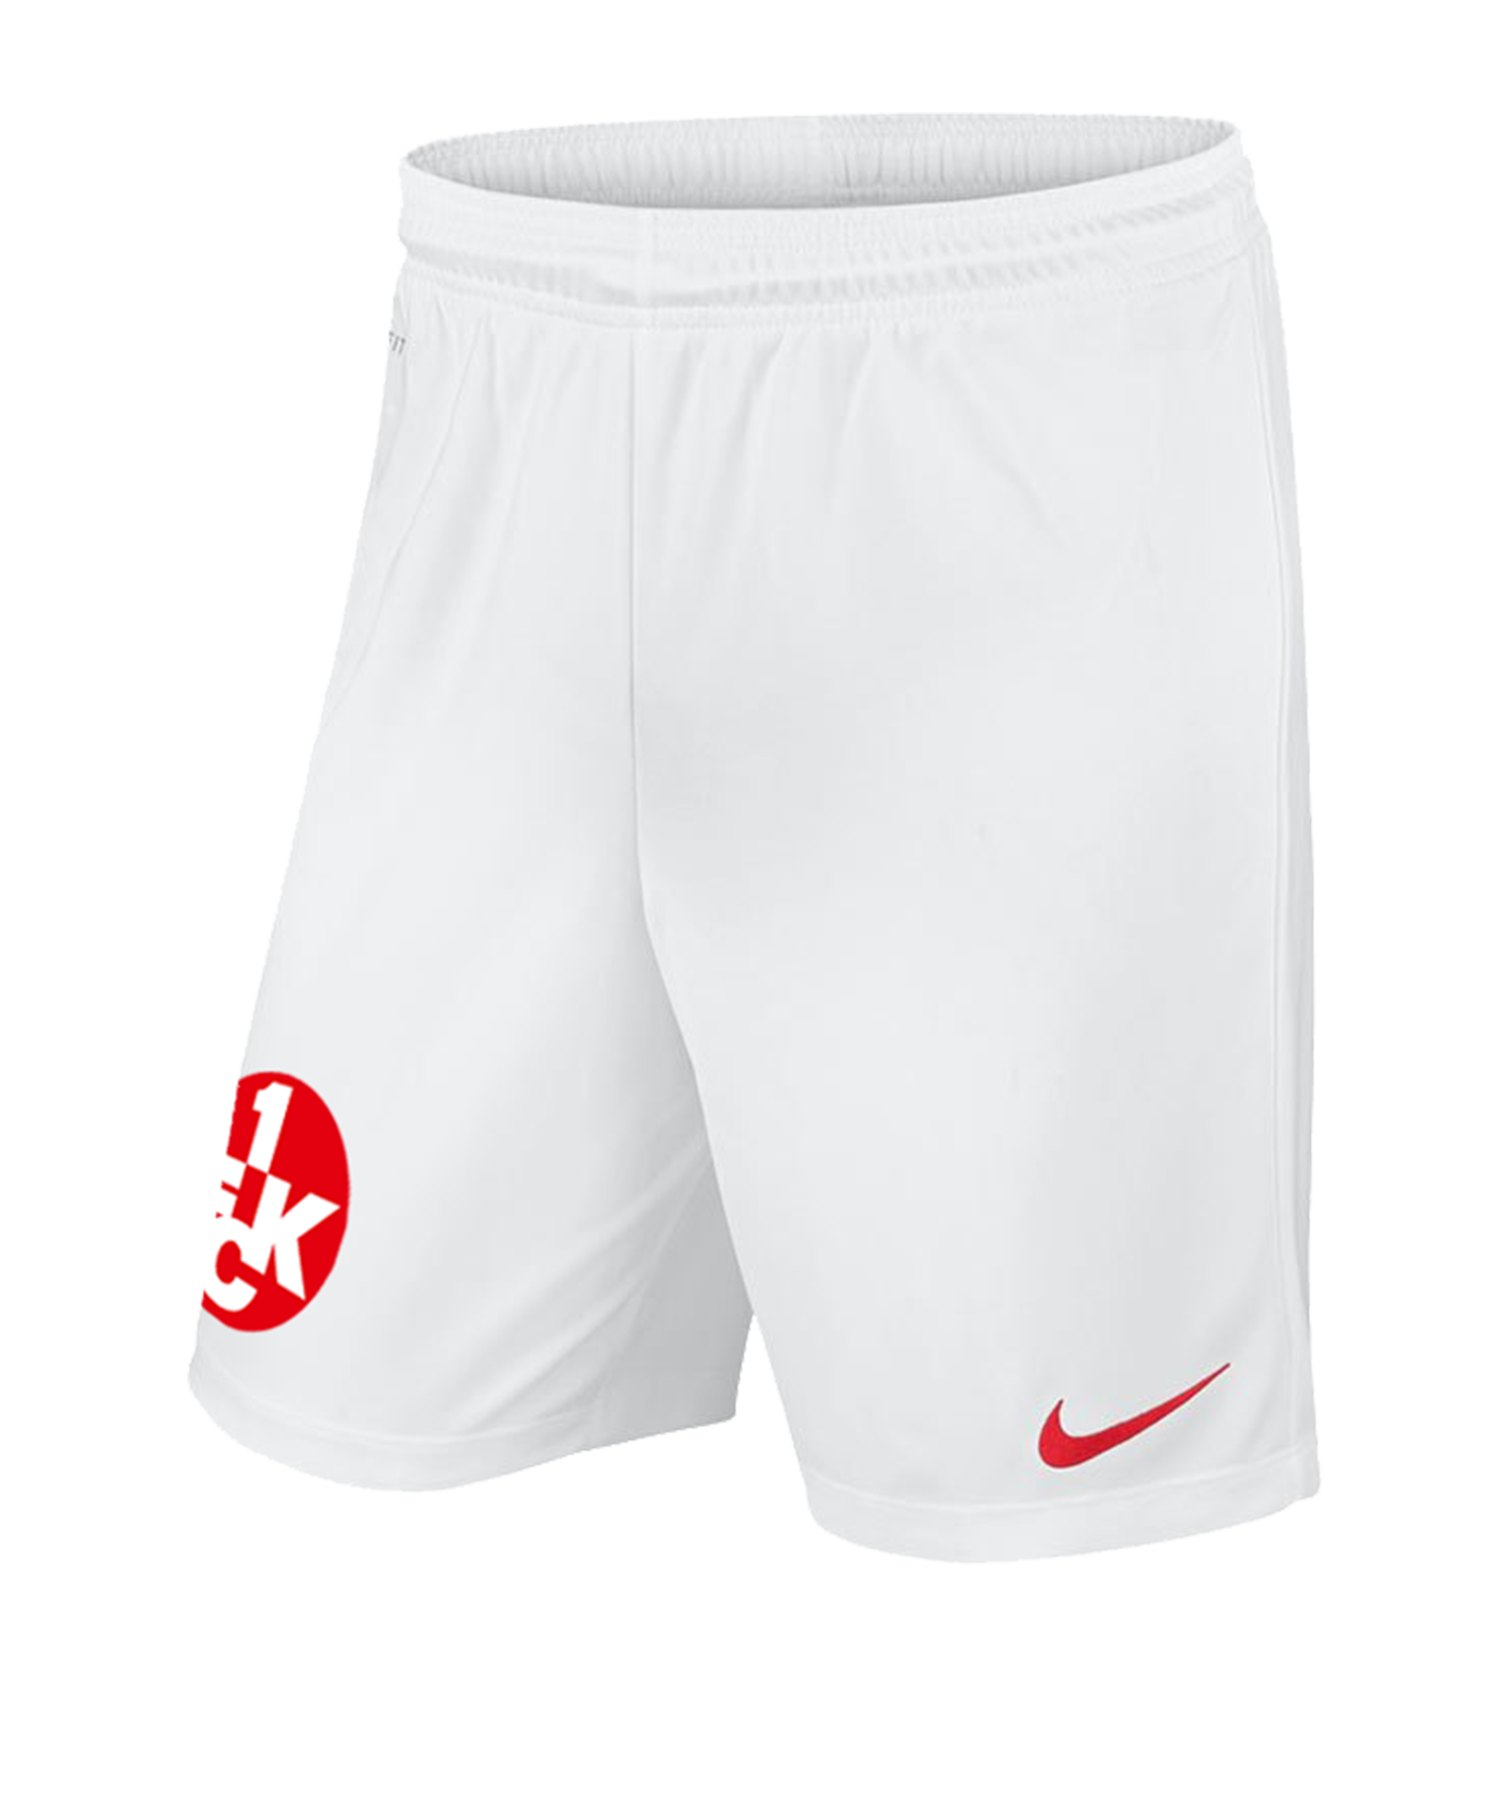 Nike 1. FC Kaiserslautern Short Home 19/20 F102 - weiss